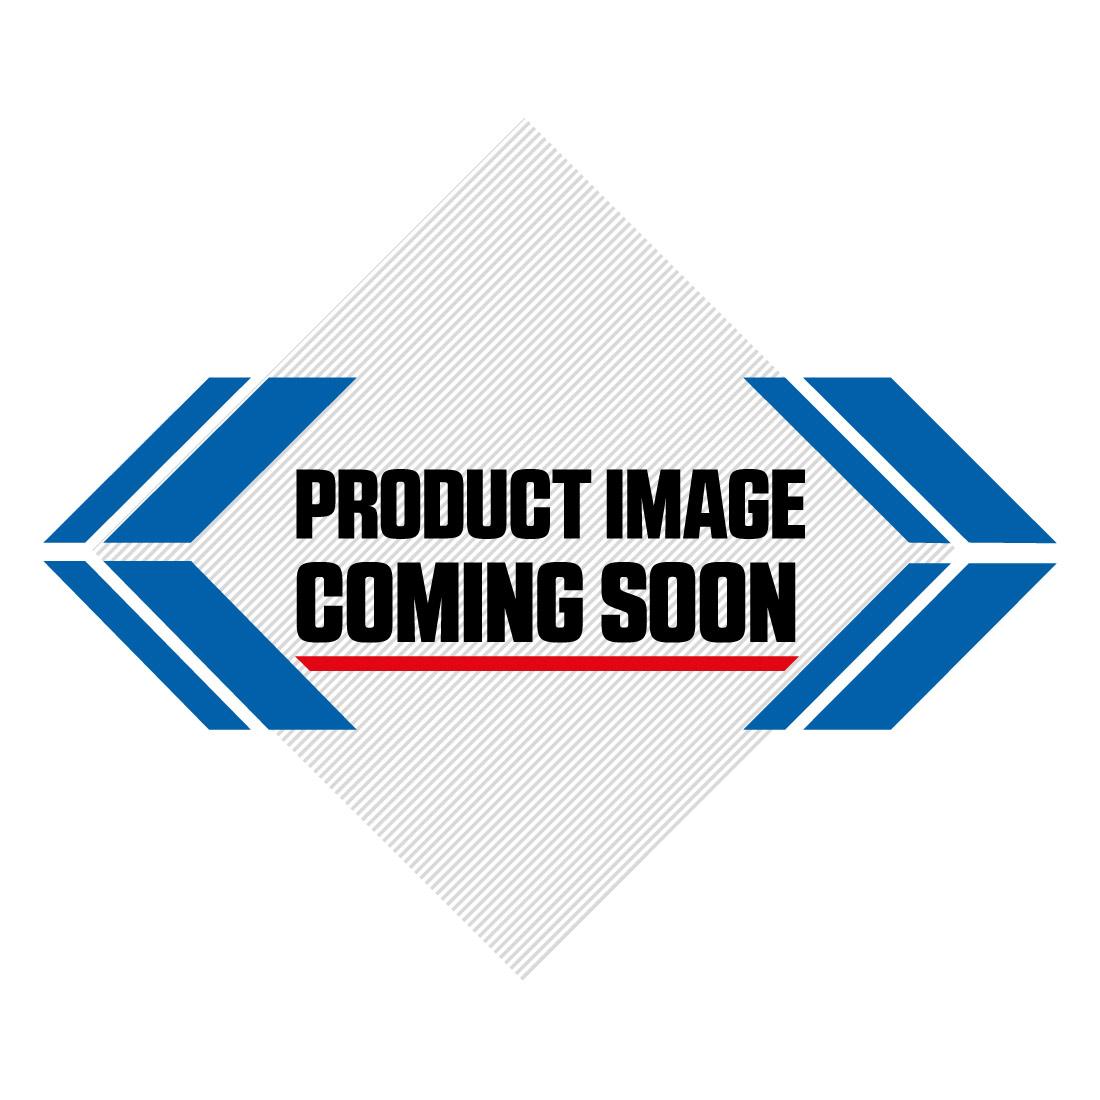 New 2015 Honda CRF 250R Motocross Bike Image-3